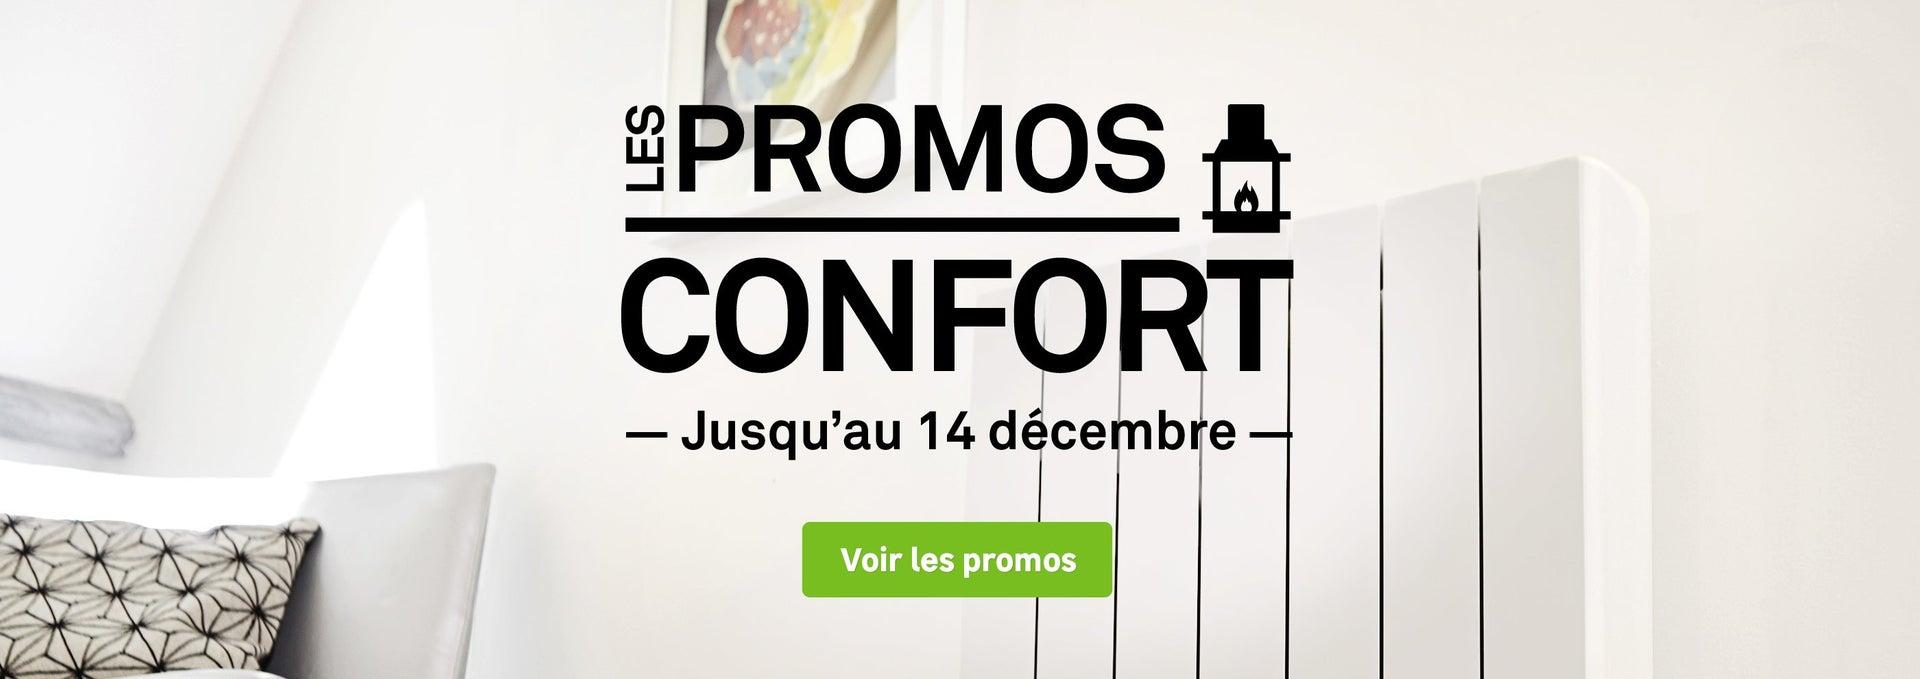 Promos-confort-2800x990-PHOTO-2